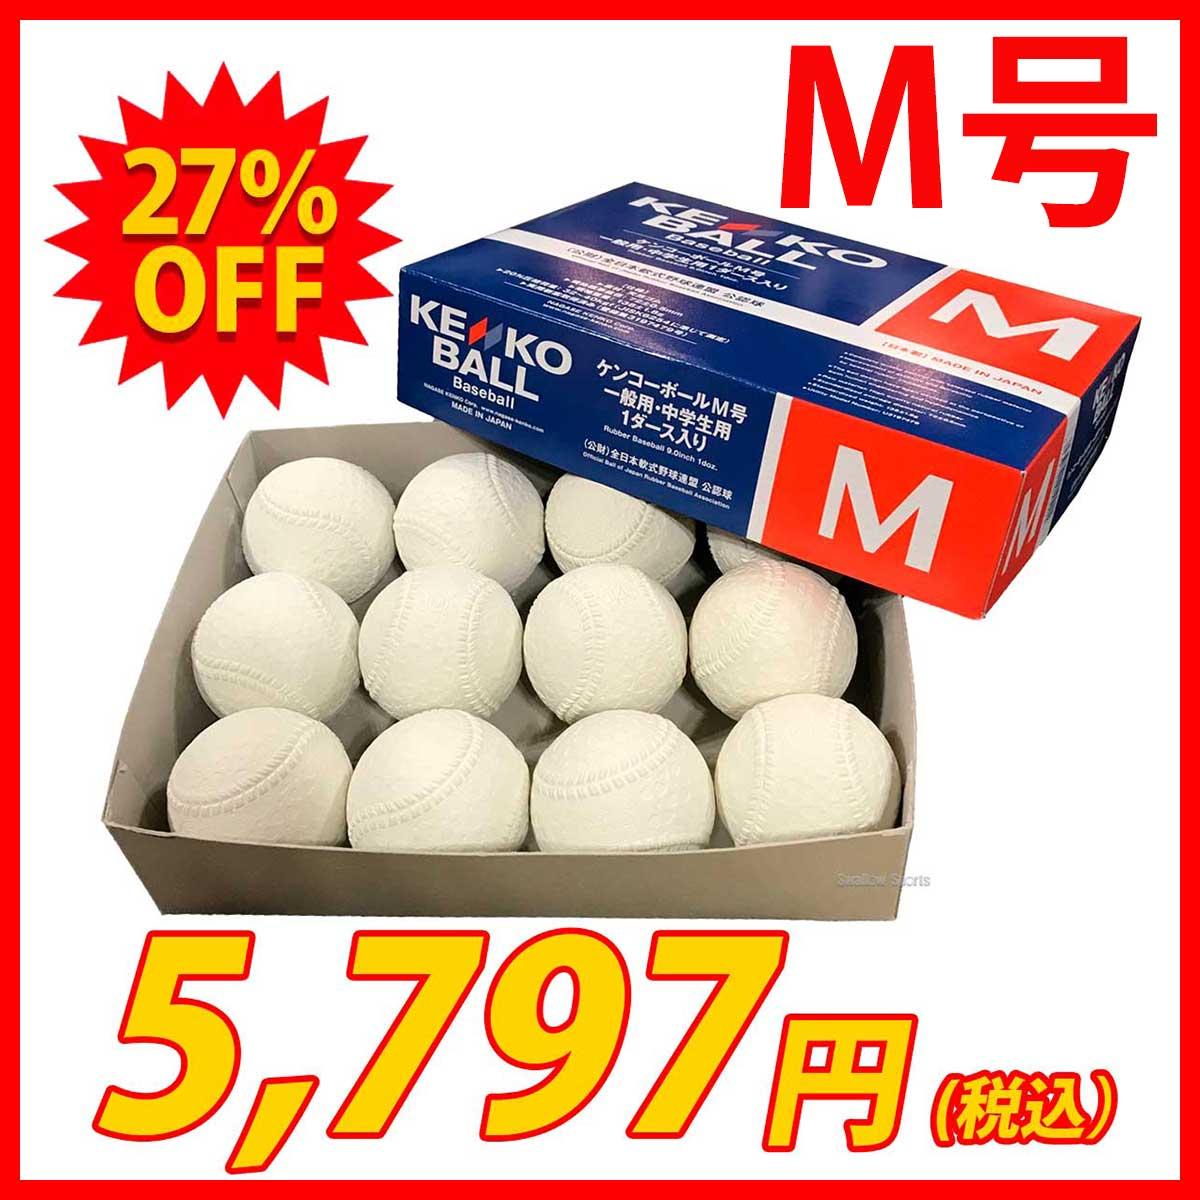 【あす楽対応】 ナガセケンコー KENKO 試合球 軟式 ボール M号 M-NEW※ダース販売(12個入) 【SALE】 野球用品 スワロースポーツ